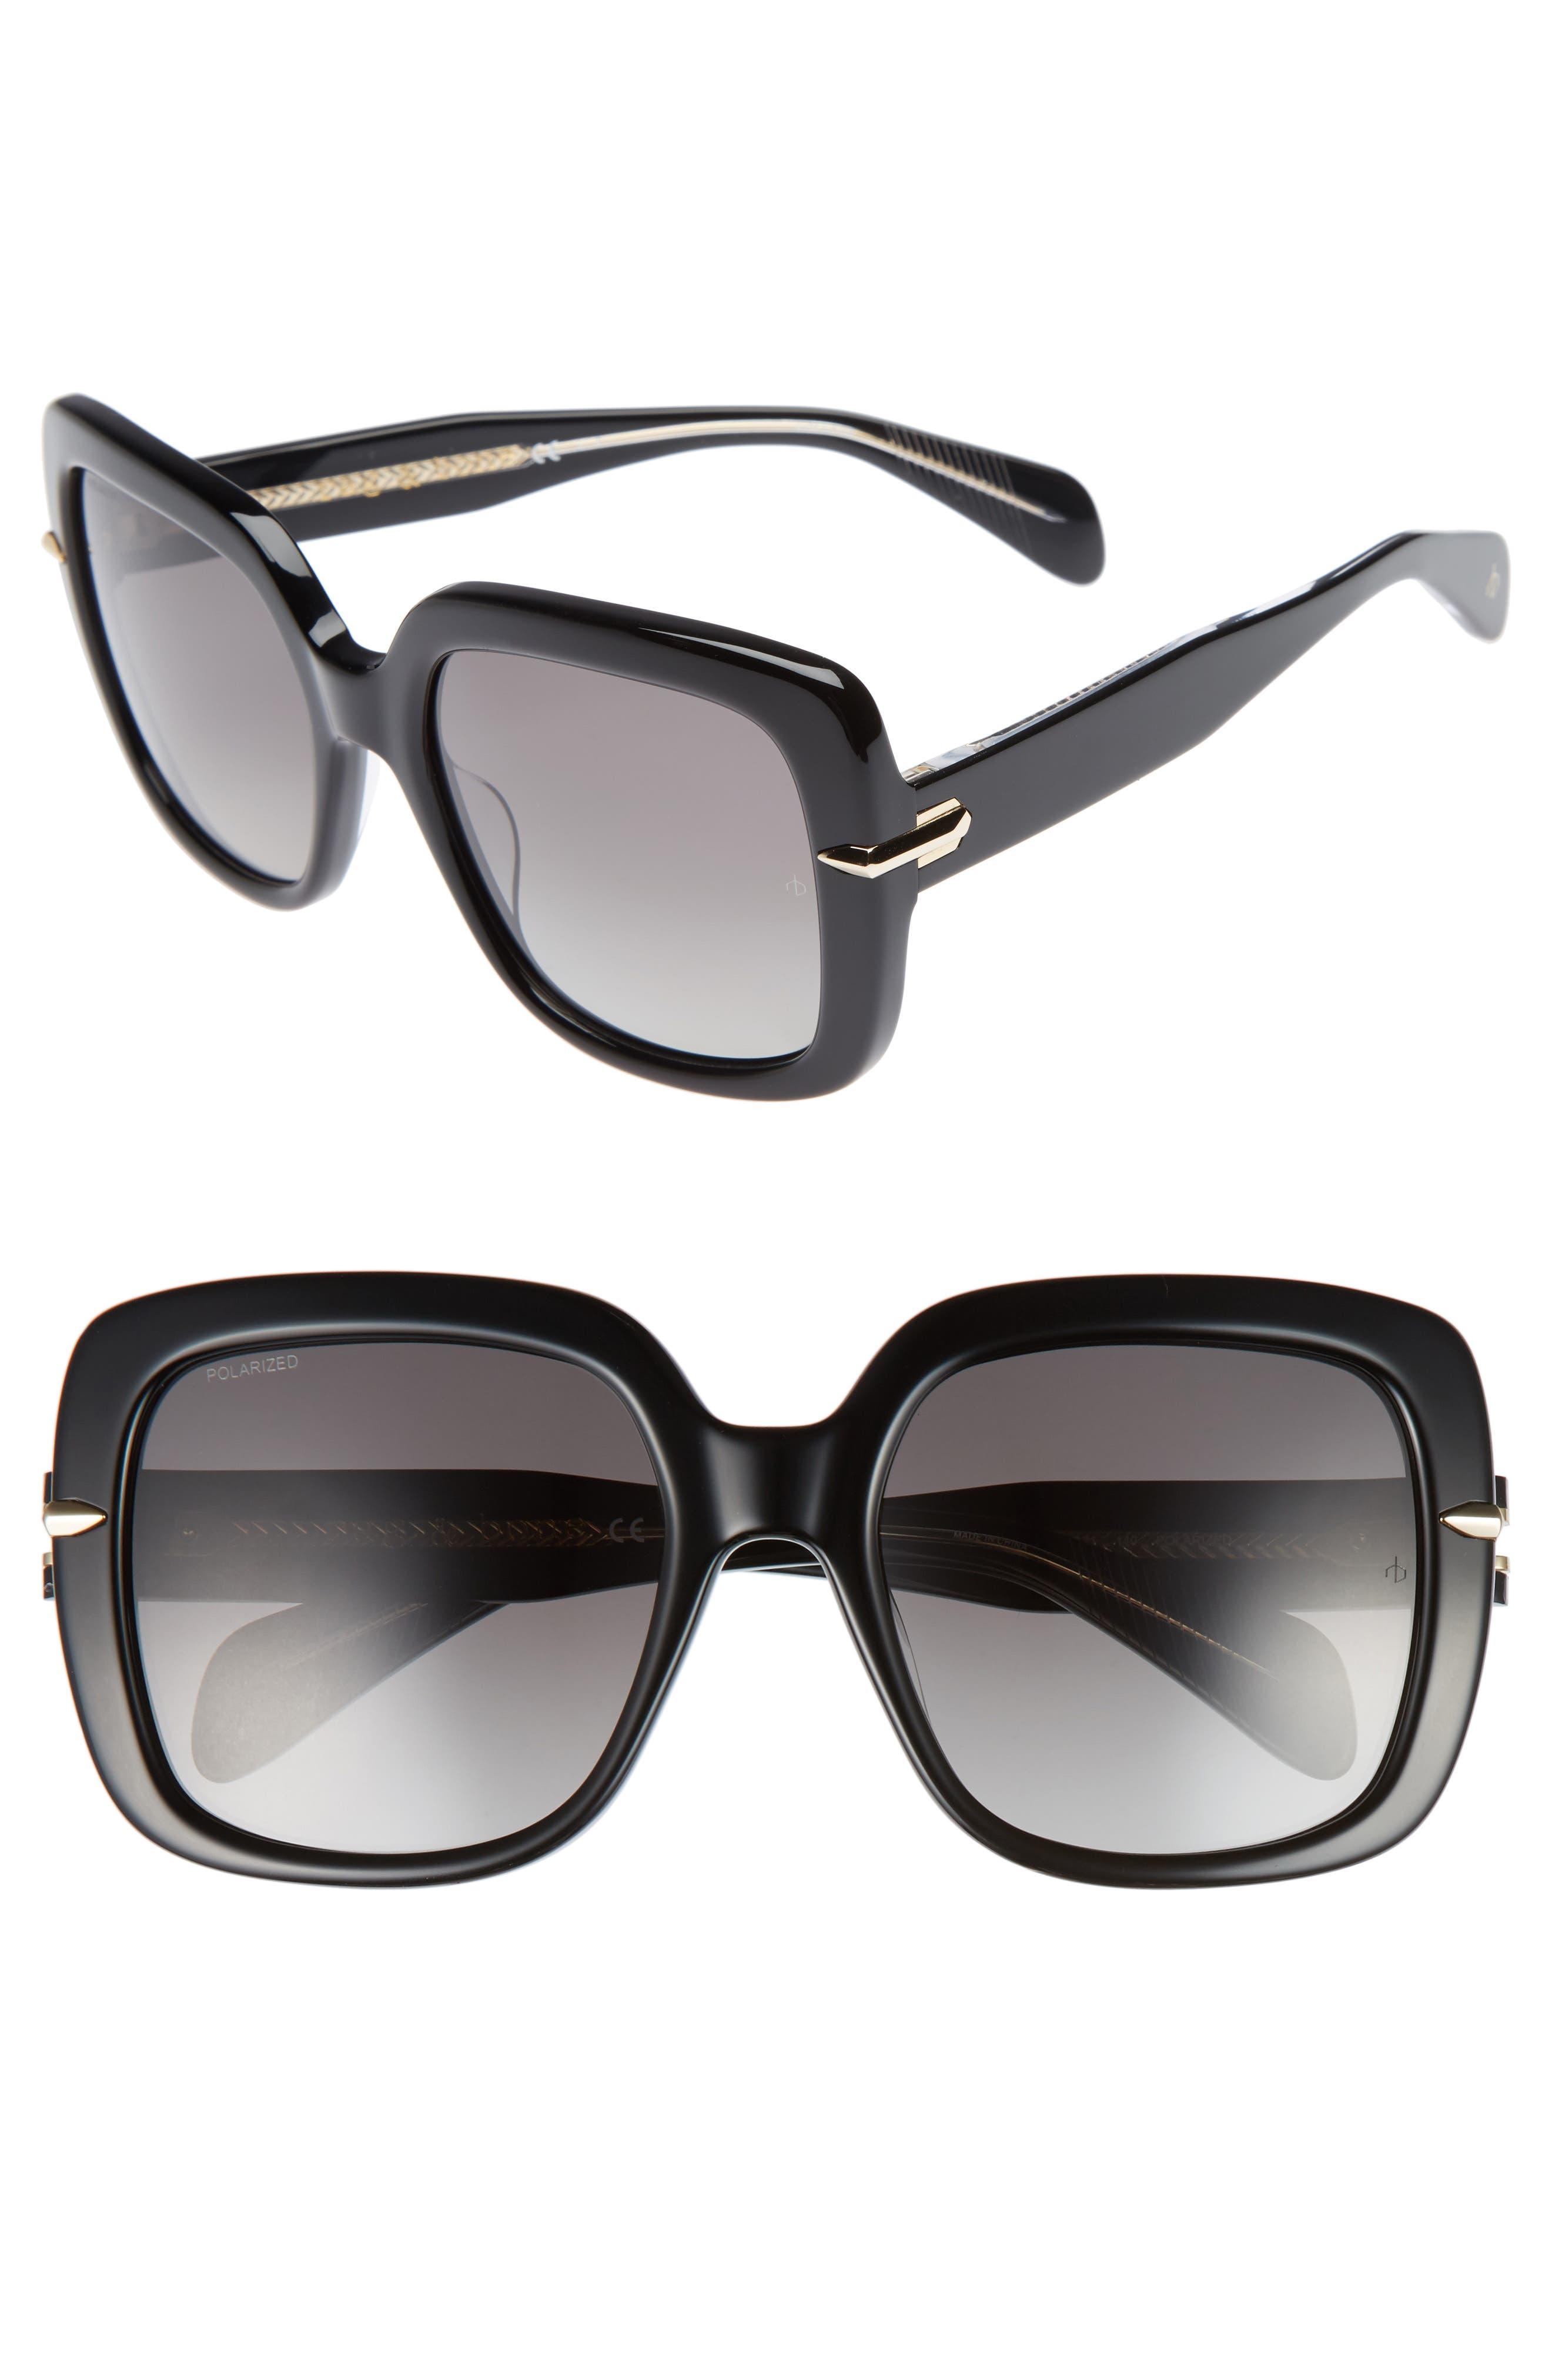 56mm Square Polarized Sunglasses,                             Main thumbnail 1, color,                             001